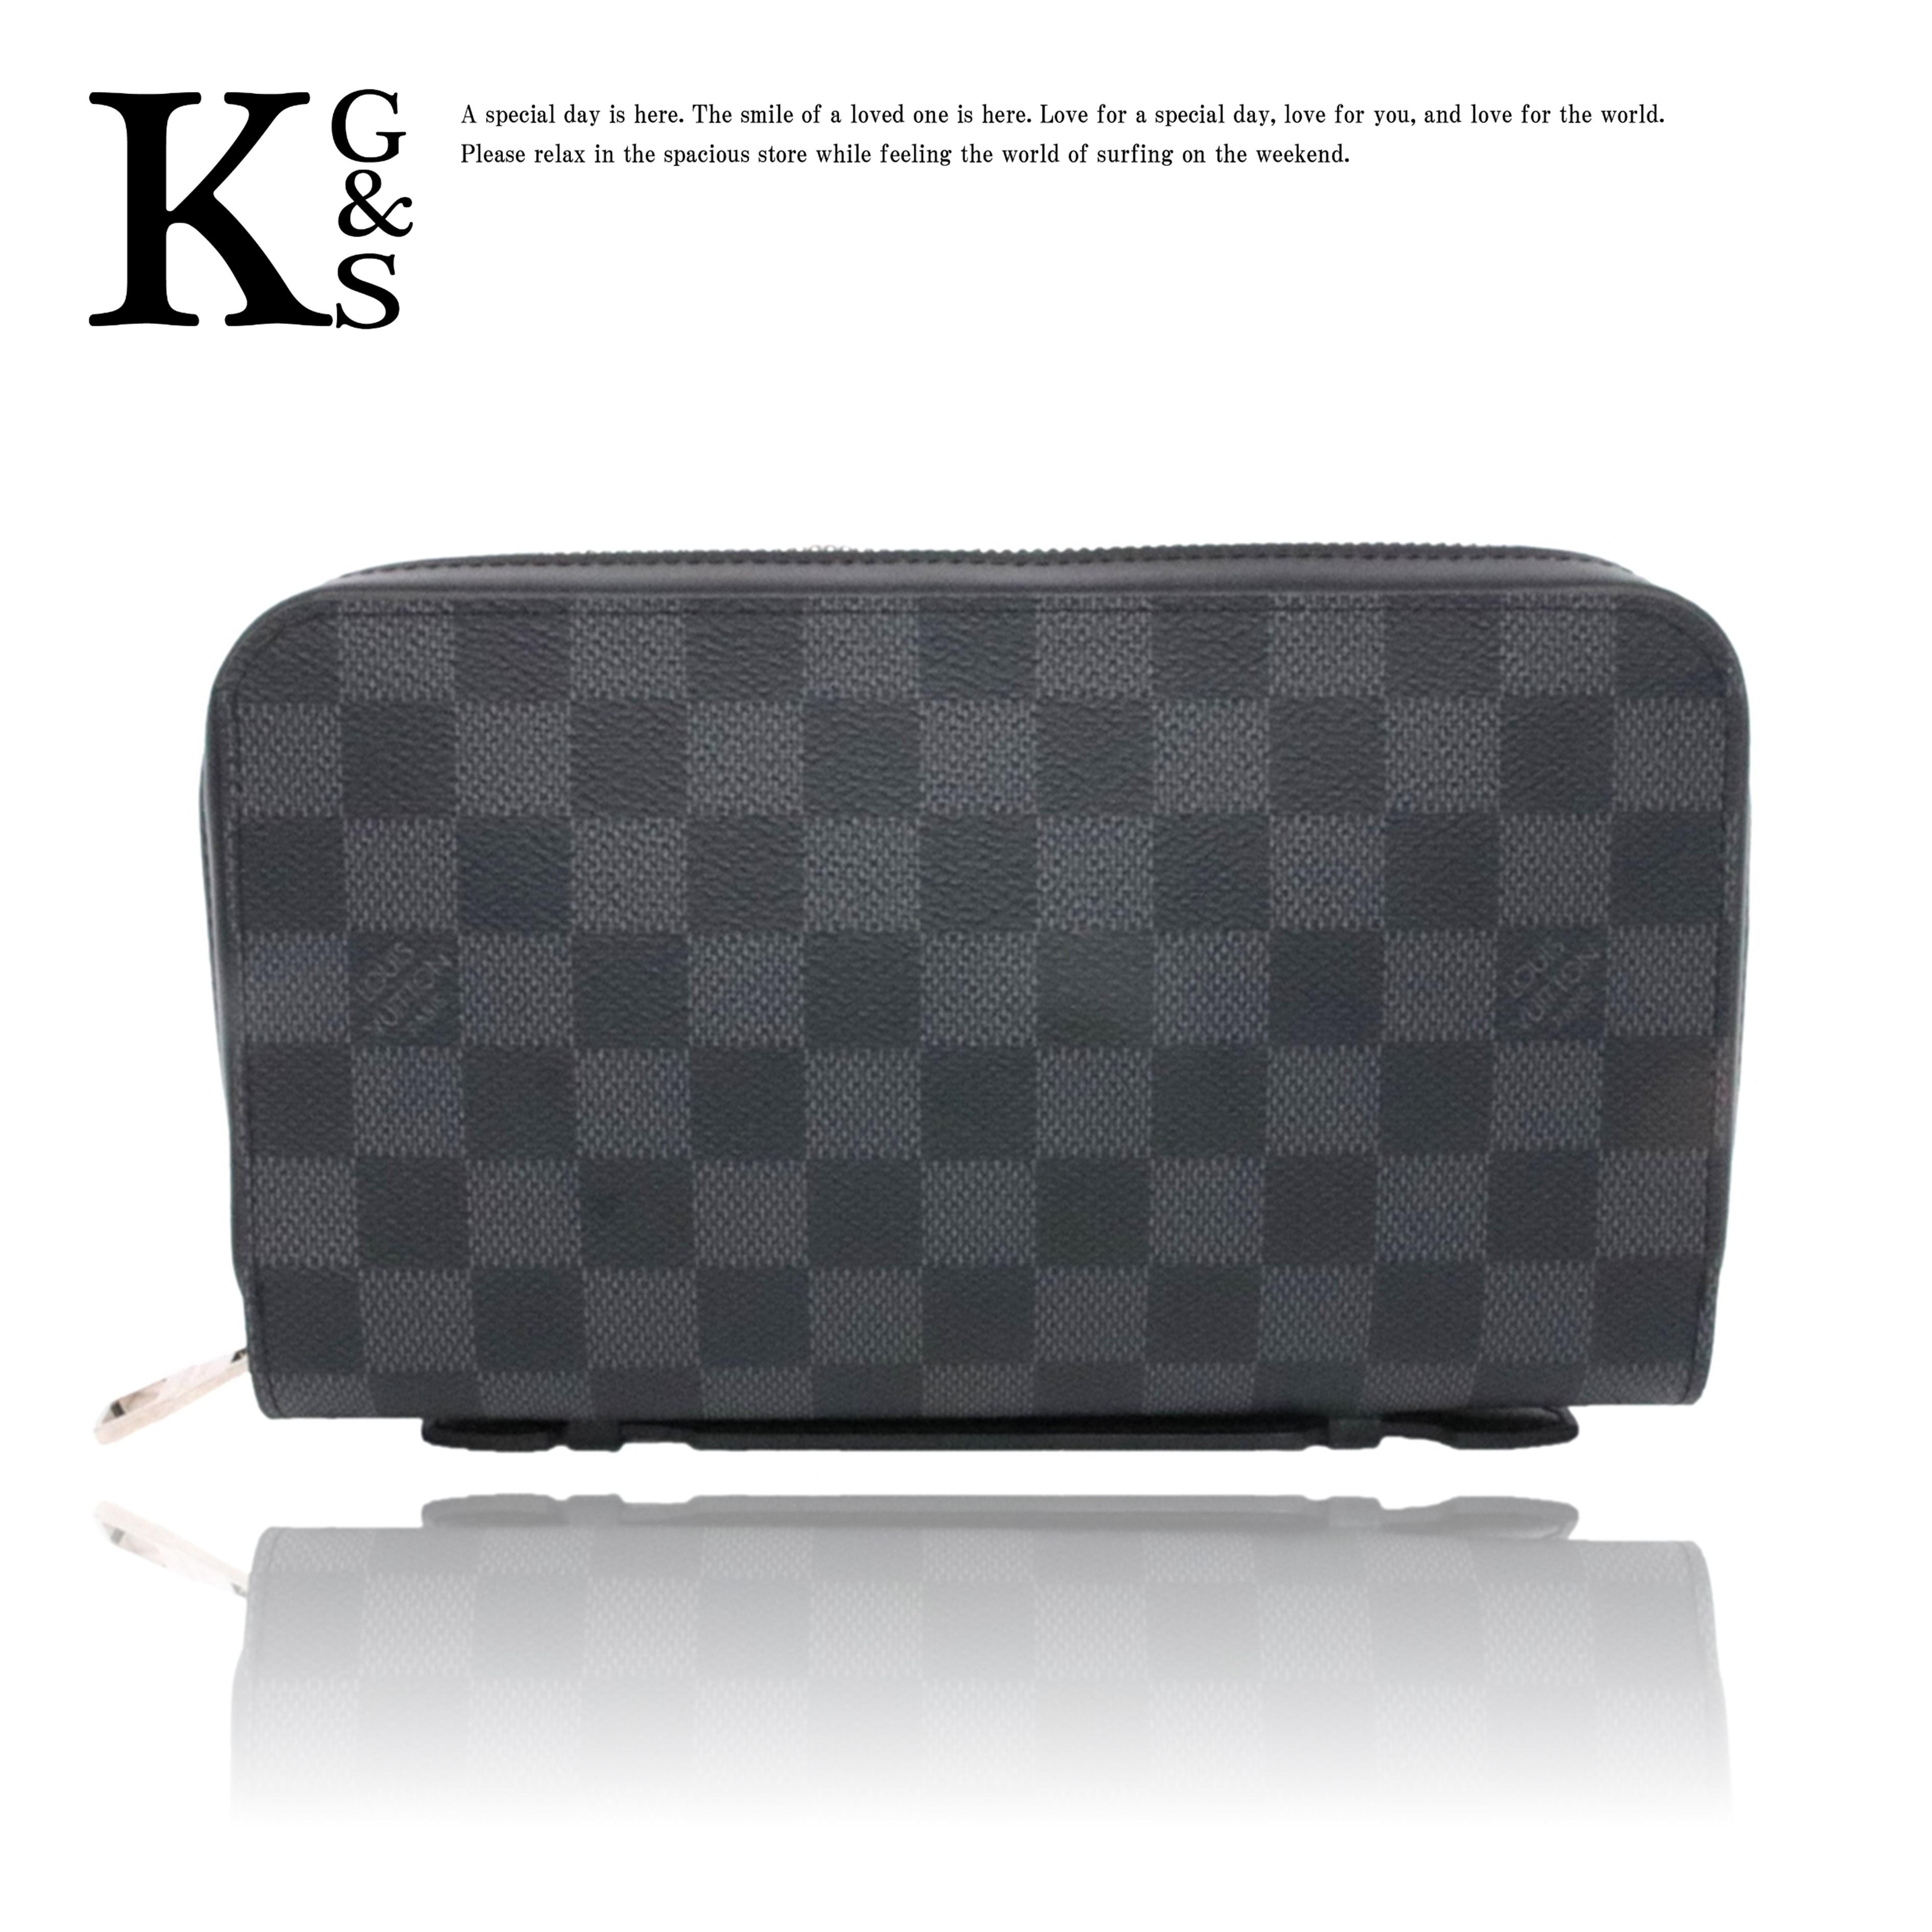 【ギフトランク】ルイヴィトン/Louis Vuitton メンズ ダミエ グラフィット ジッピーXL セカンドバッグ 長財布 N41503